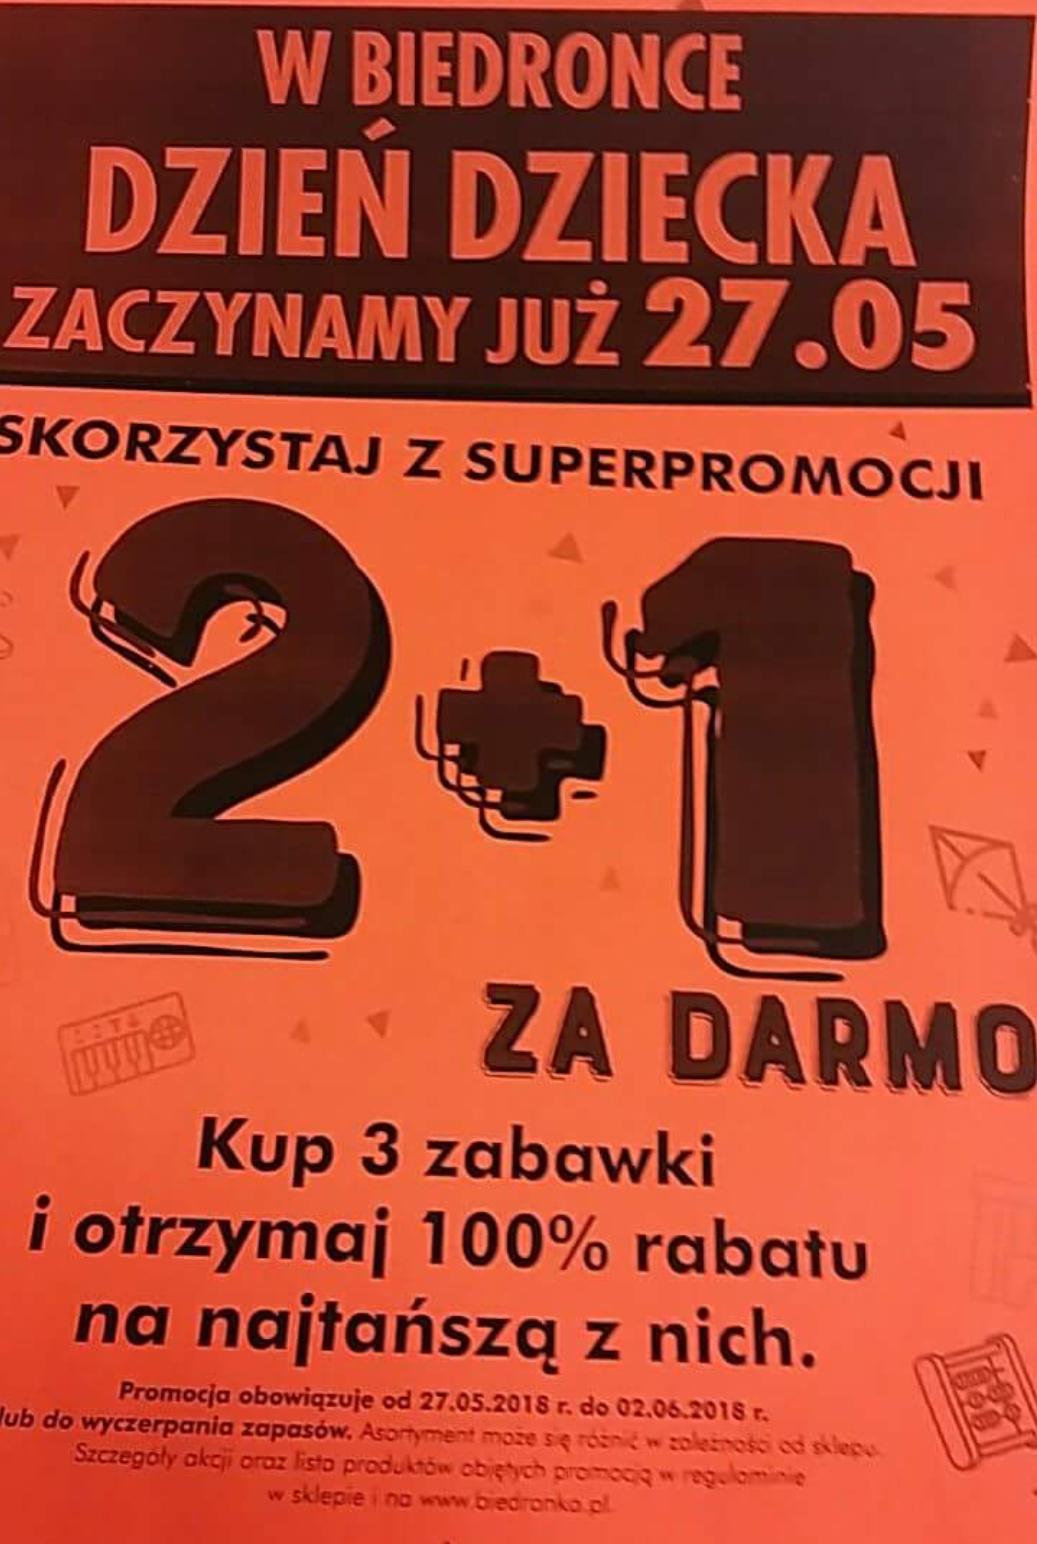 Super oferta 2+1. Kup 3 zabawki i otrzymaj 100% rabatu ma najtańszą @Biedronka